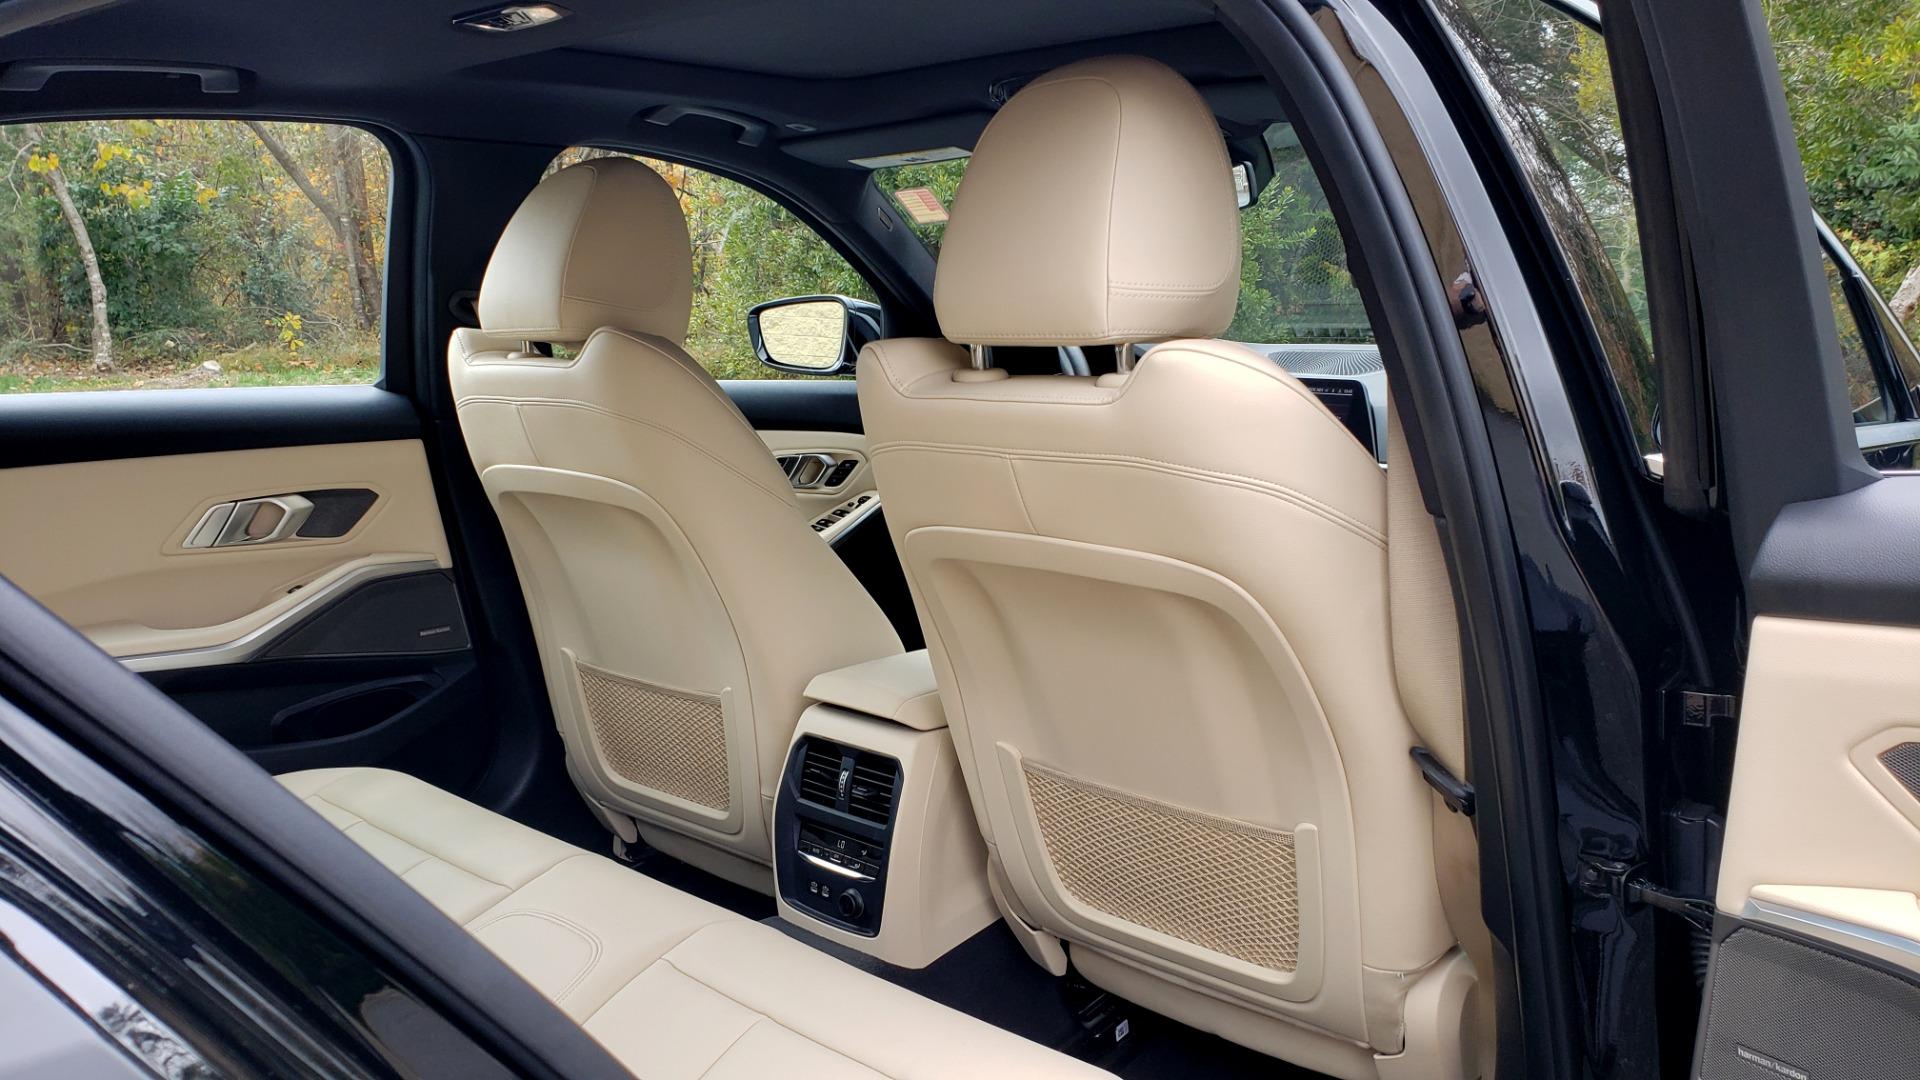 Used 2019 BMW 3 SERIES 330I PREM PKG / NAV / CONV PKG / H&K SND / LIVE COCKPIT PRO for sale Sold at Formula Imports in Charlotte NC 28227 78